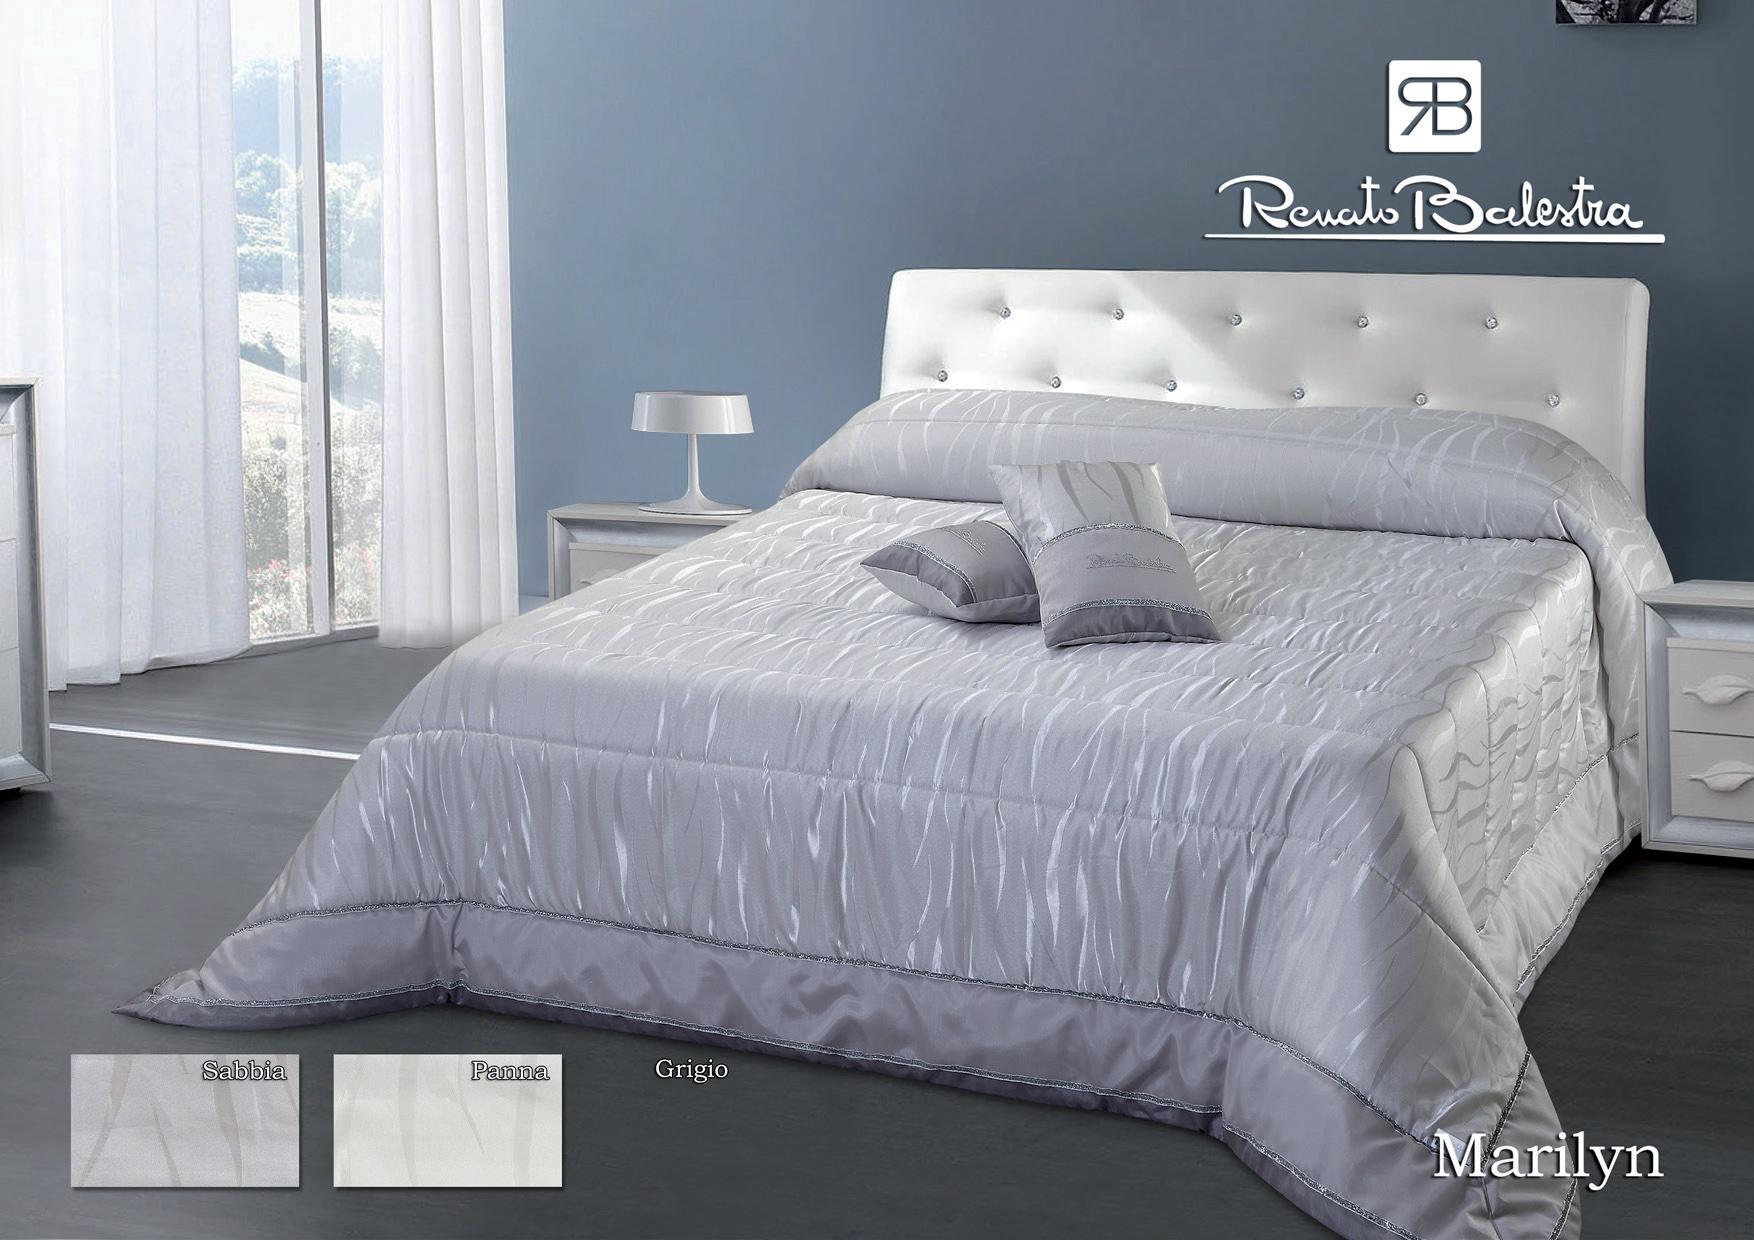 Copridivano Zara Home : Camere da letto progetto belle pikkolo